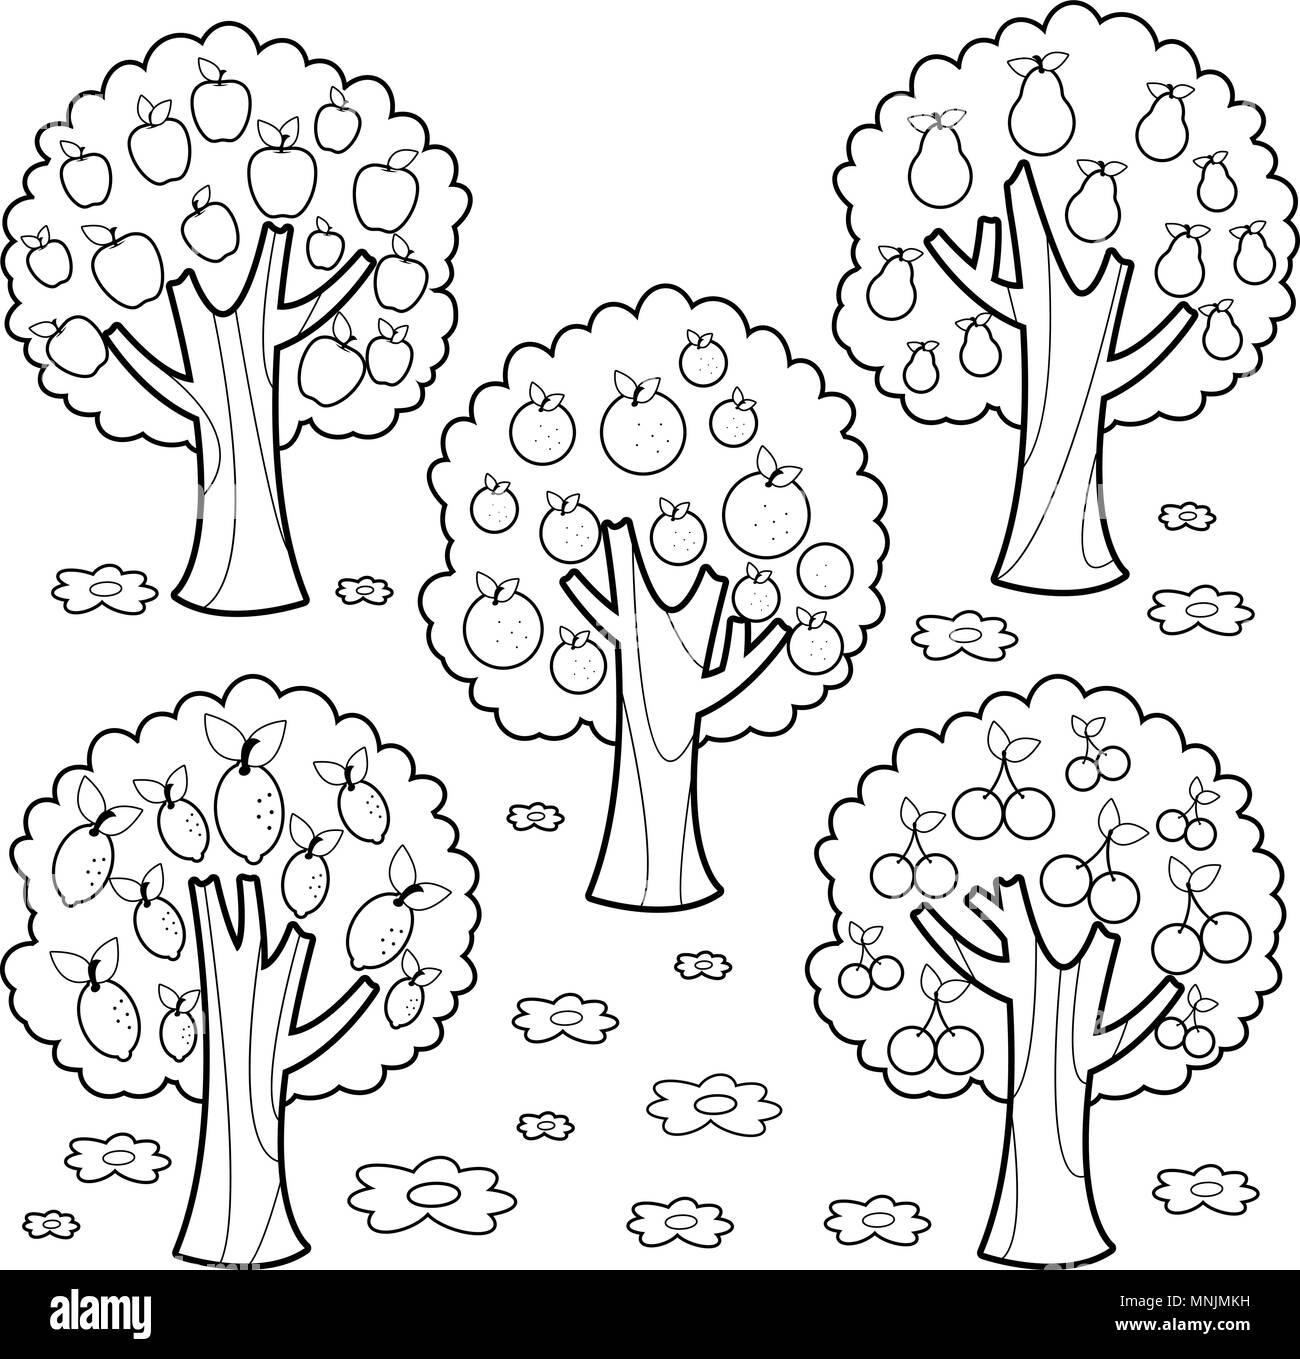 árboles Frutales Libro Para Colorear De Blanco Y Negro Página